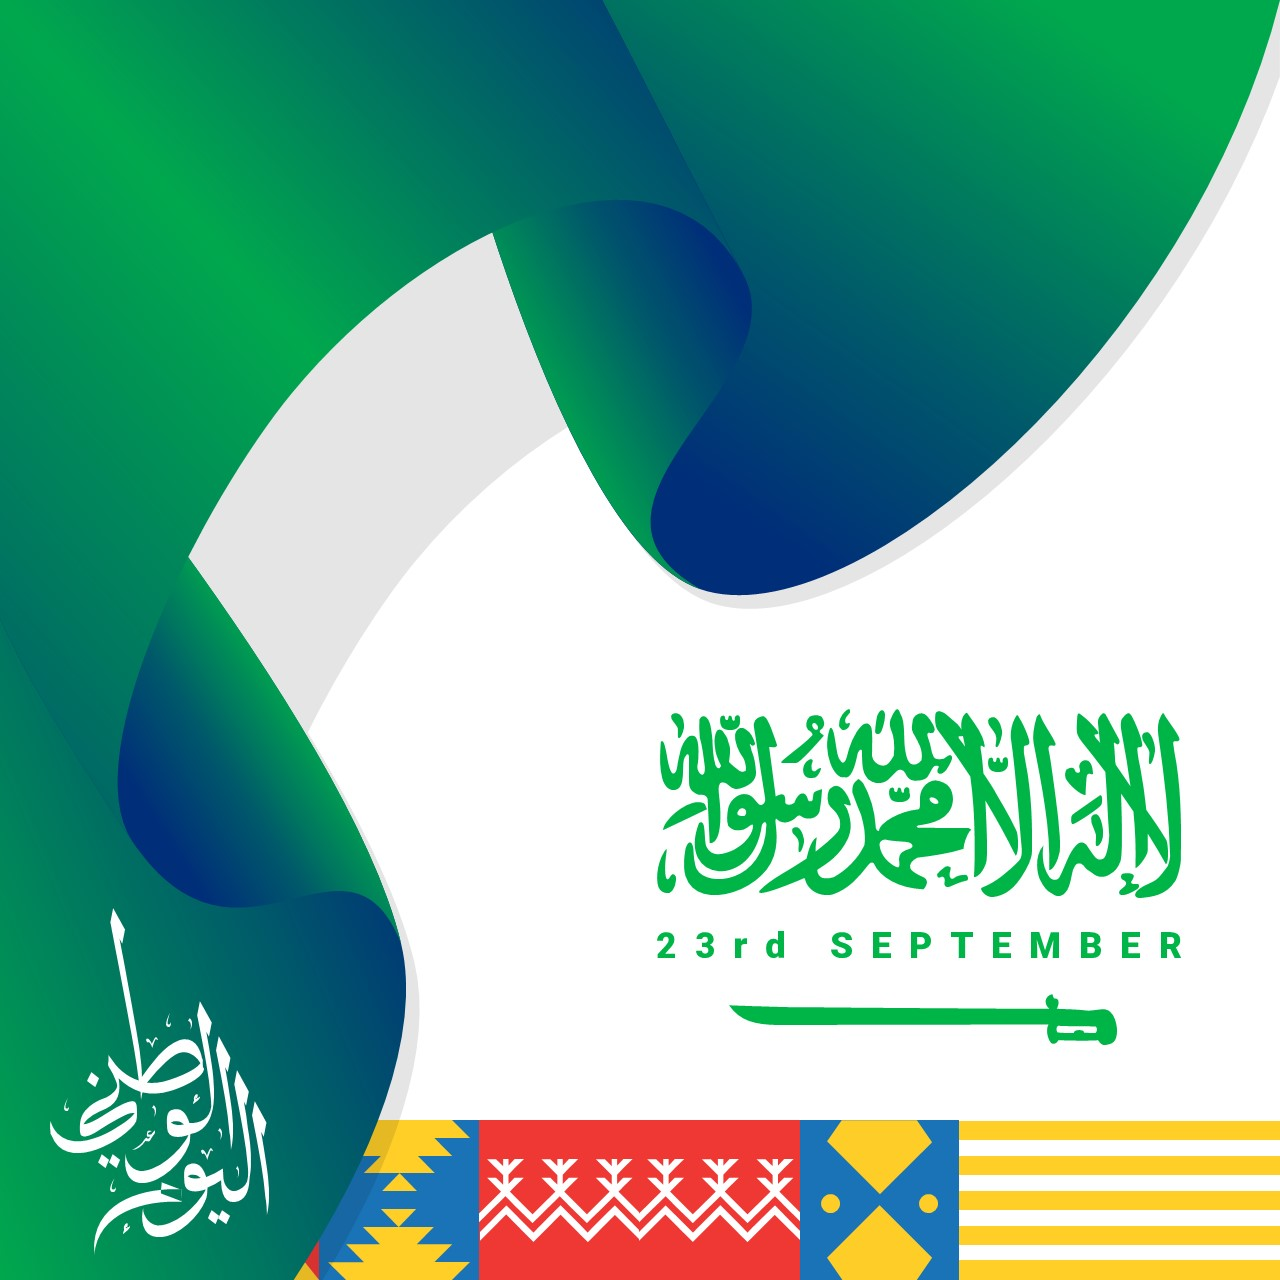 تصميم جاهز عن اليوم الوطني السعودي